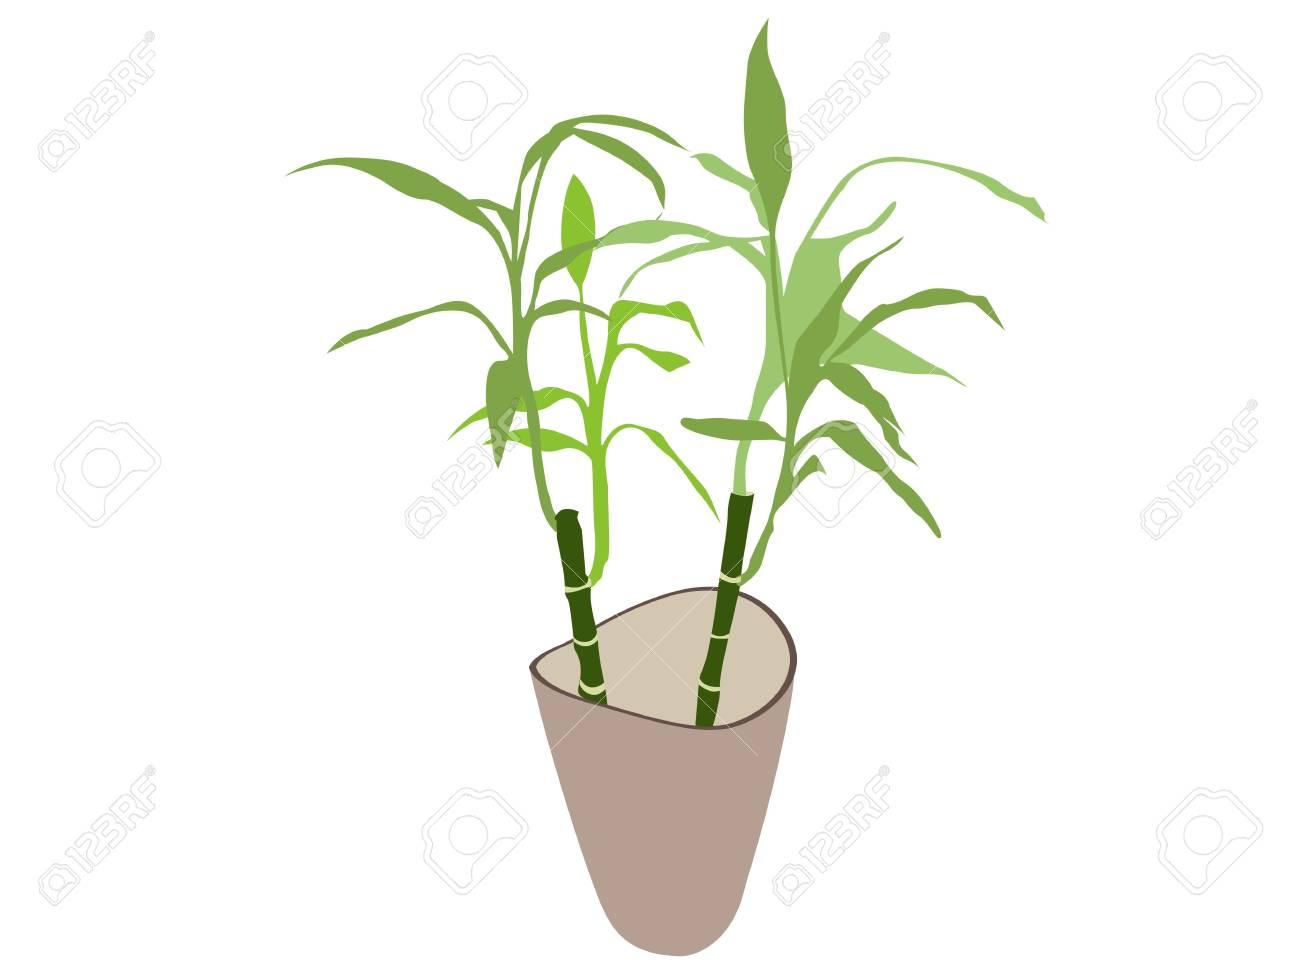 Bambus Pflanze Im Topf Isoliert Auf Weissem Hintergrund Lizenzfreie